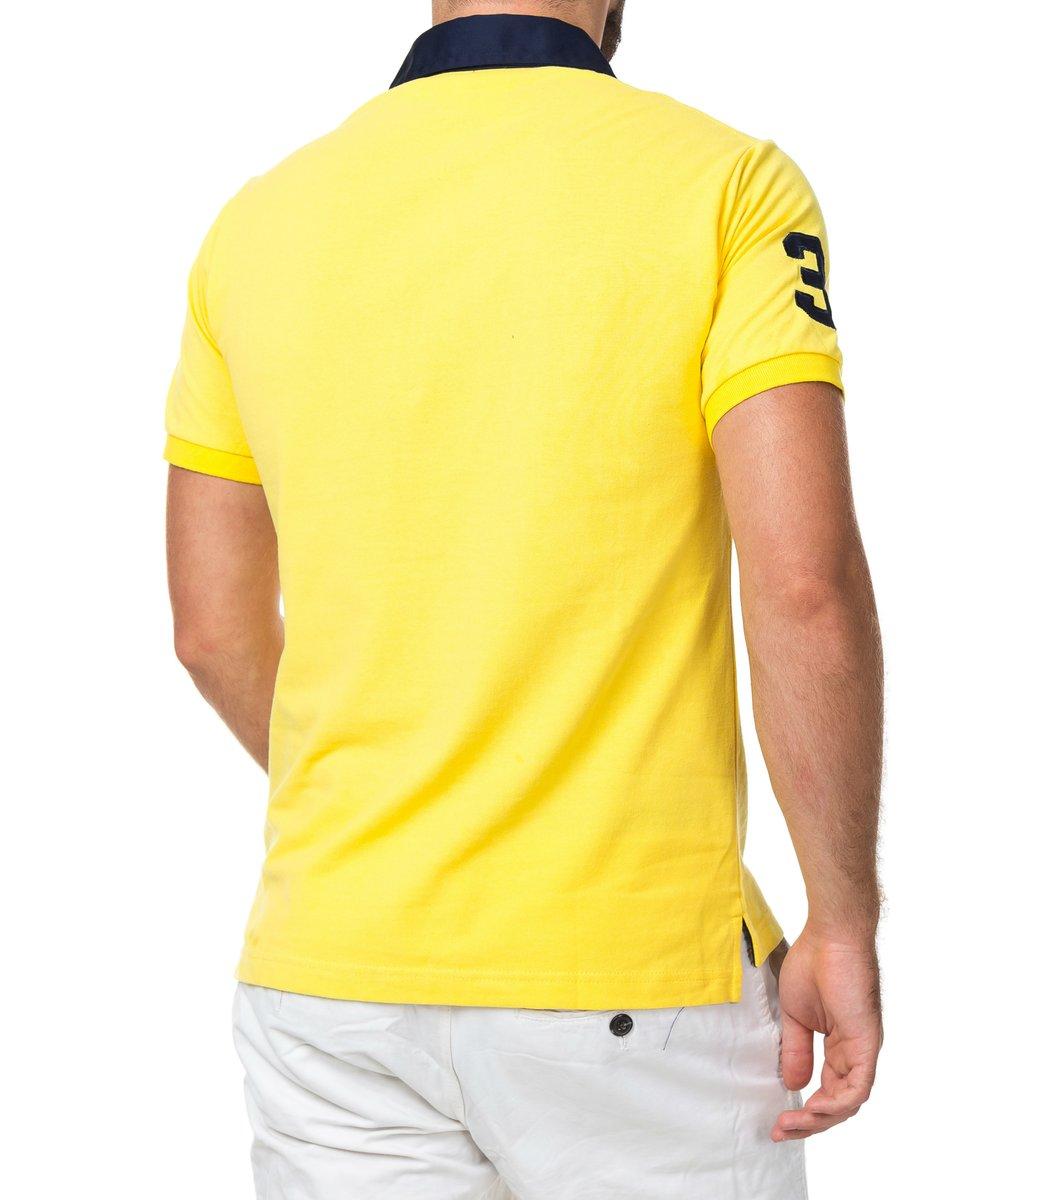 Мужская желтая футболка поло Ralph Lauren R5  - желтый - Вид 3